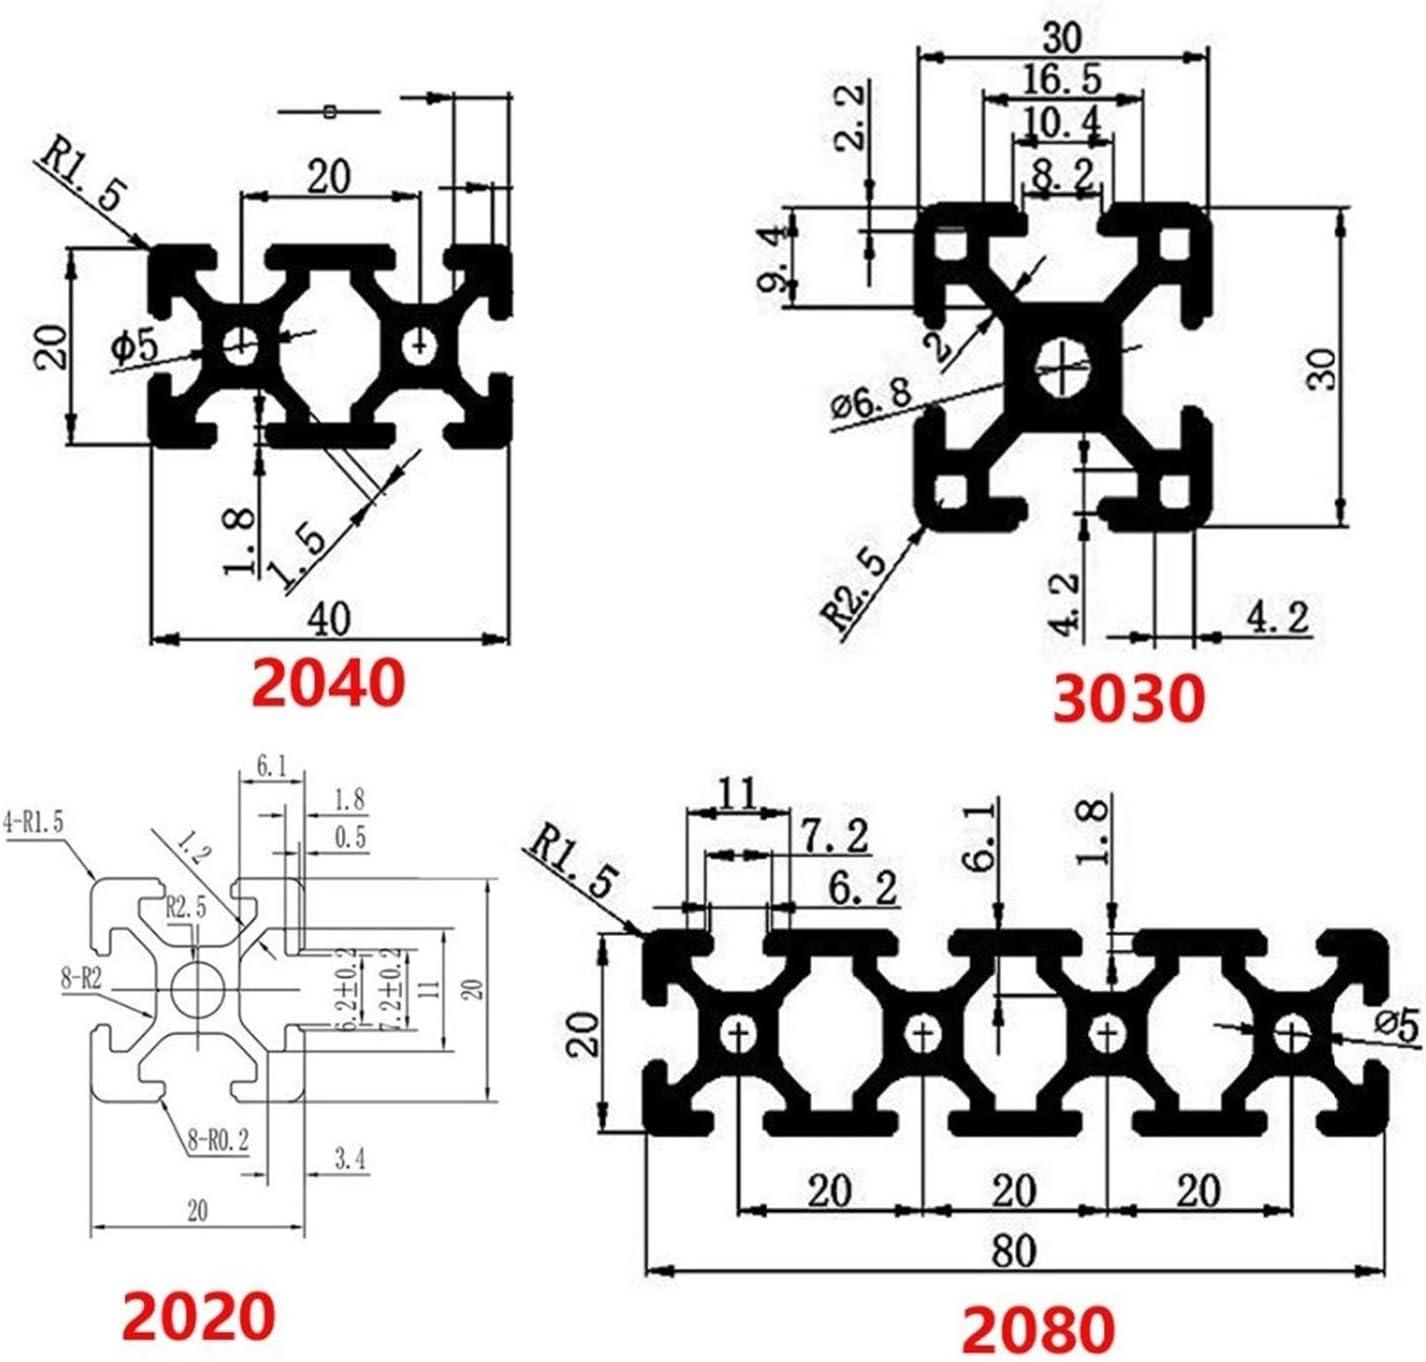 Aluminum Profile 2040 Extrusion 2040 CNC Part Size : 100 mm Aluminum Profile Anodized Linear Rail 3D Printer Parts Length 100mm~800mm AIGUO Aluminum Profile